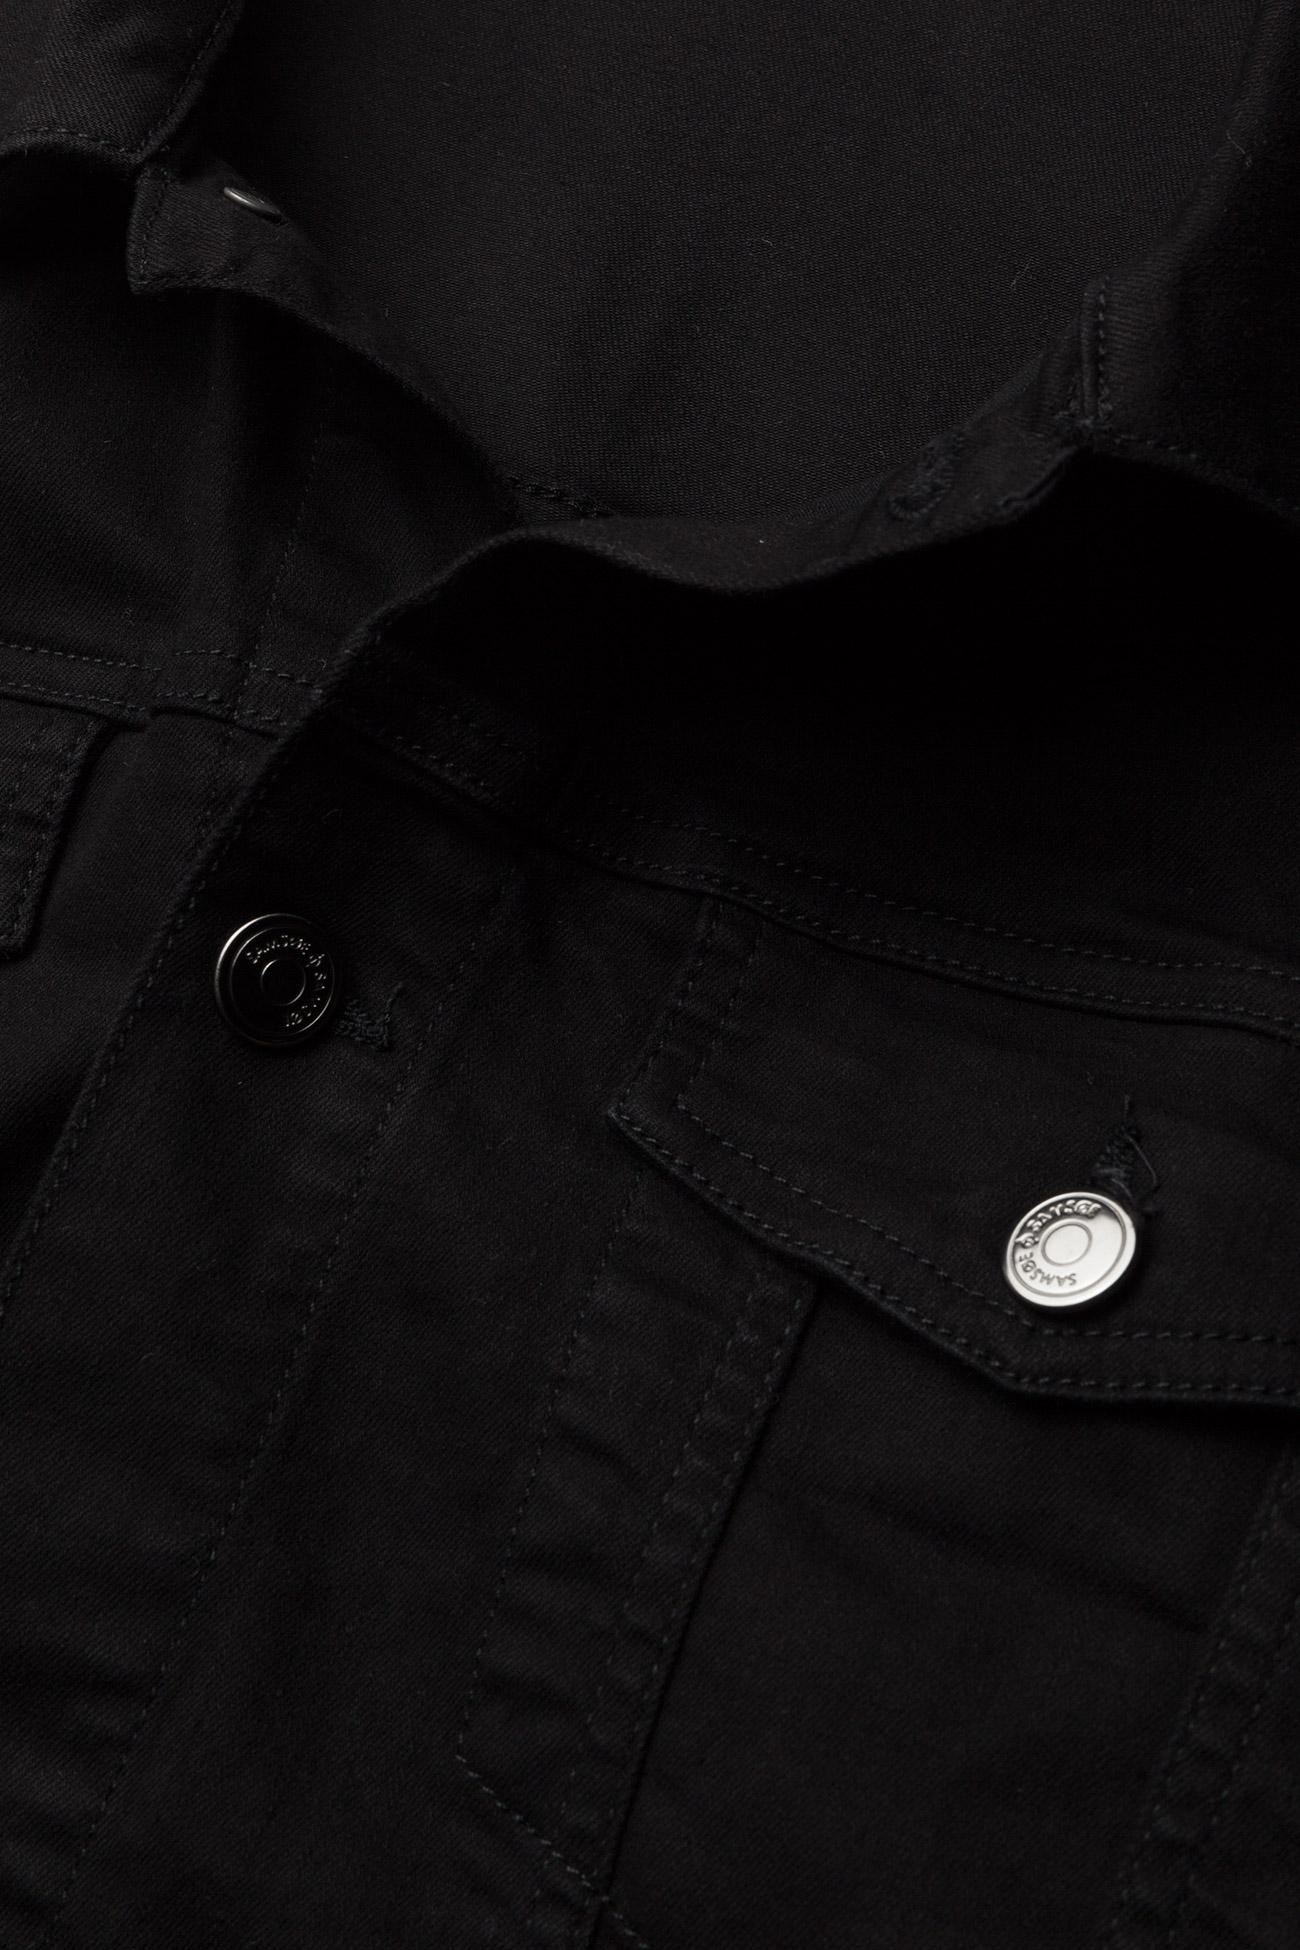 Jacket 8102black Laust Laust Laust RinseSamsøeamp; RinseSamsøeamp; 8102black Jacket 8102black Jacket pqSVUzMG